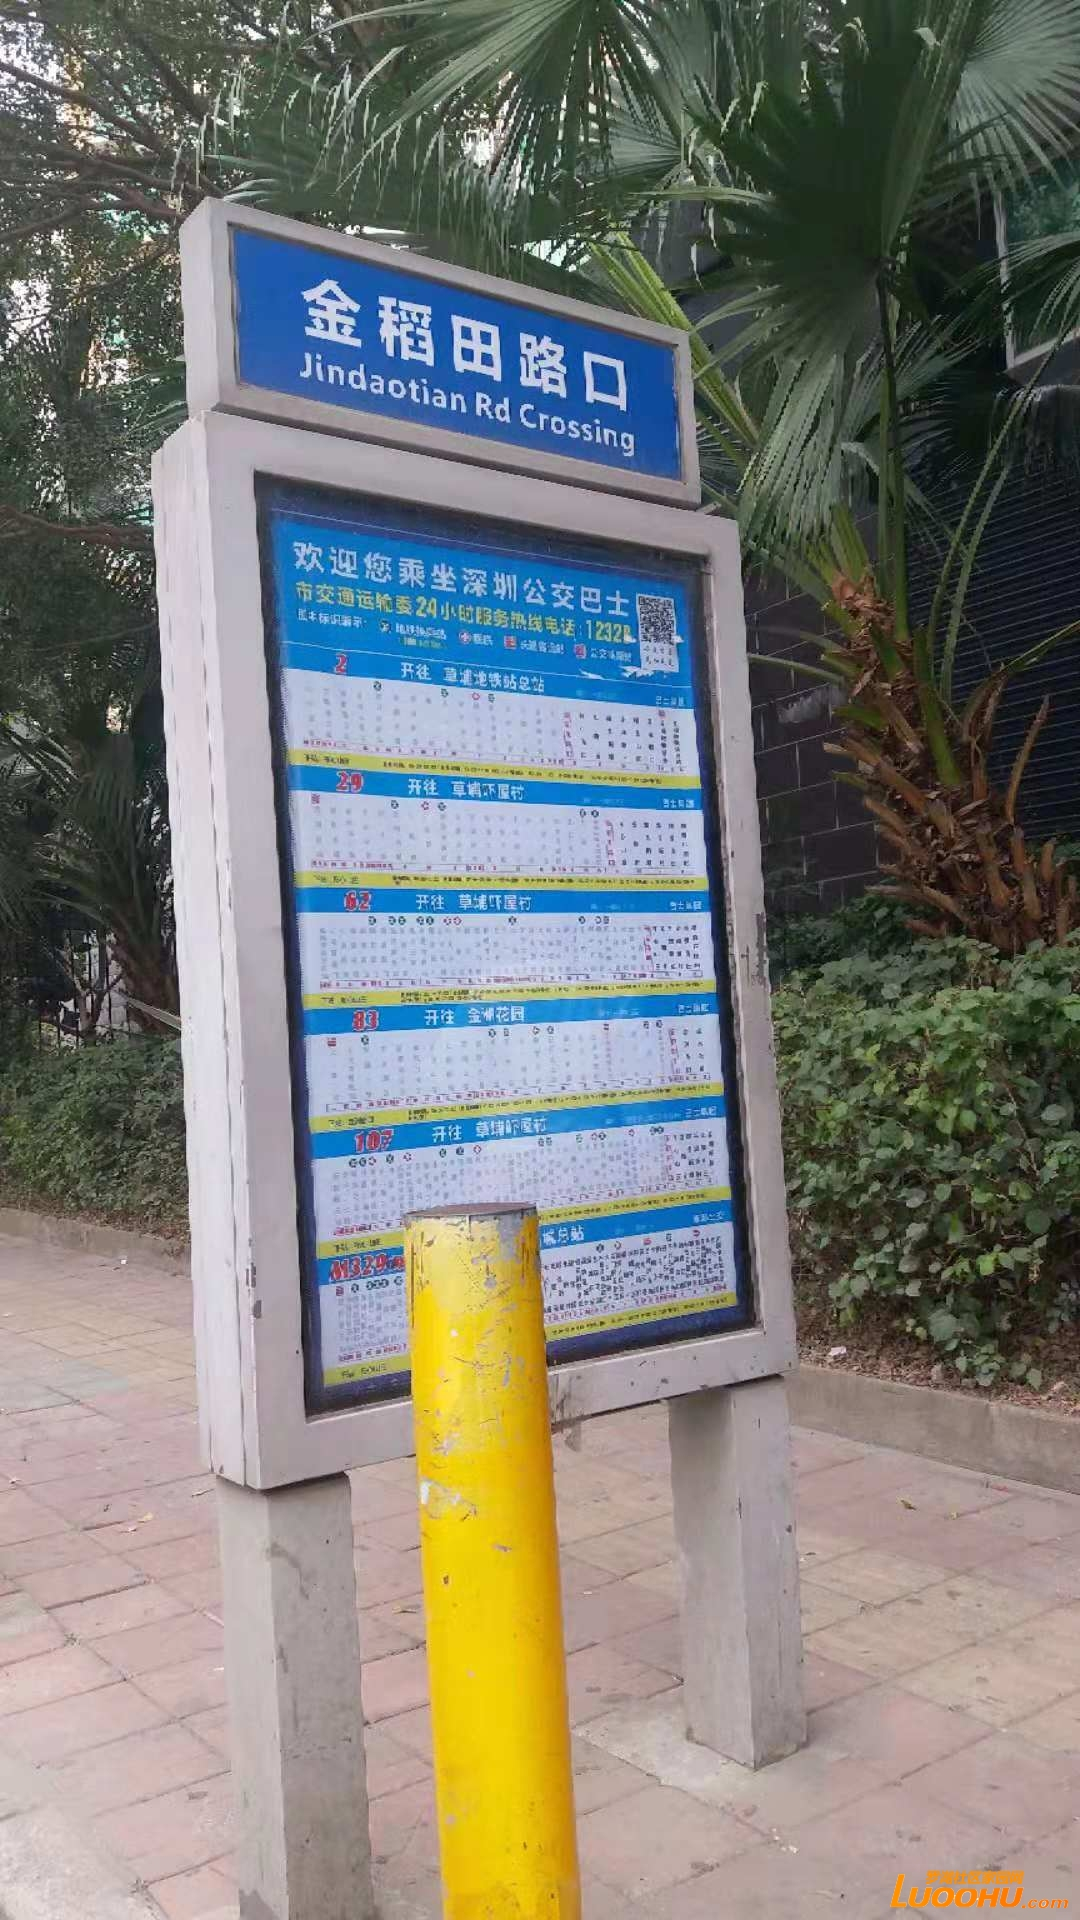 华港新村交通断面的先有公交线路